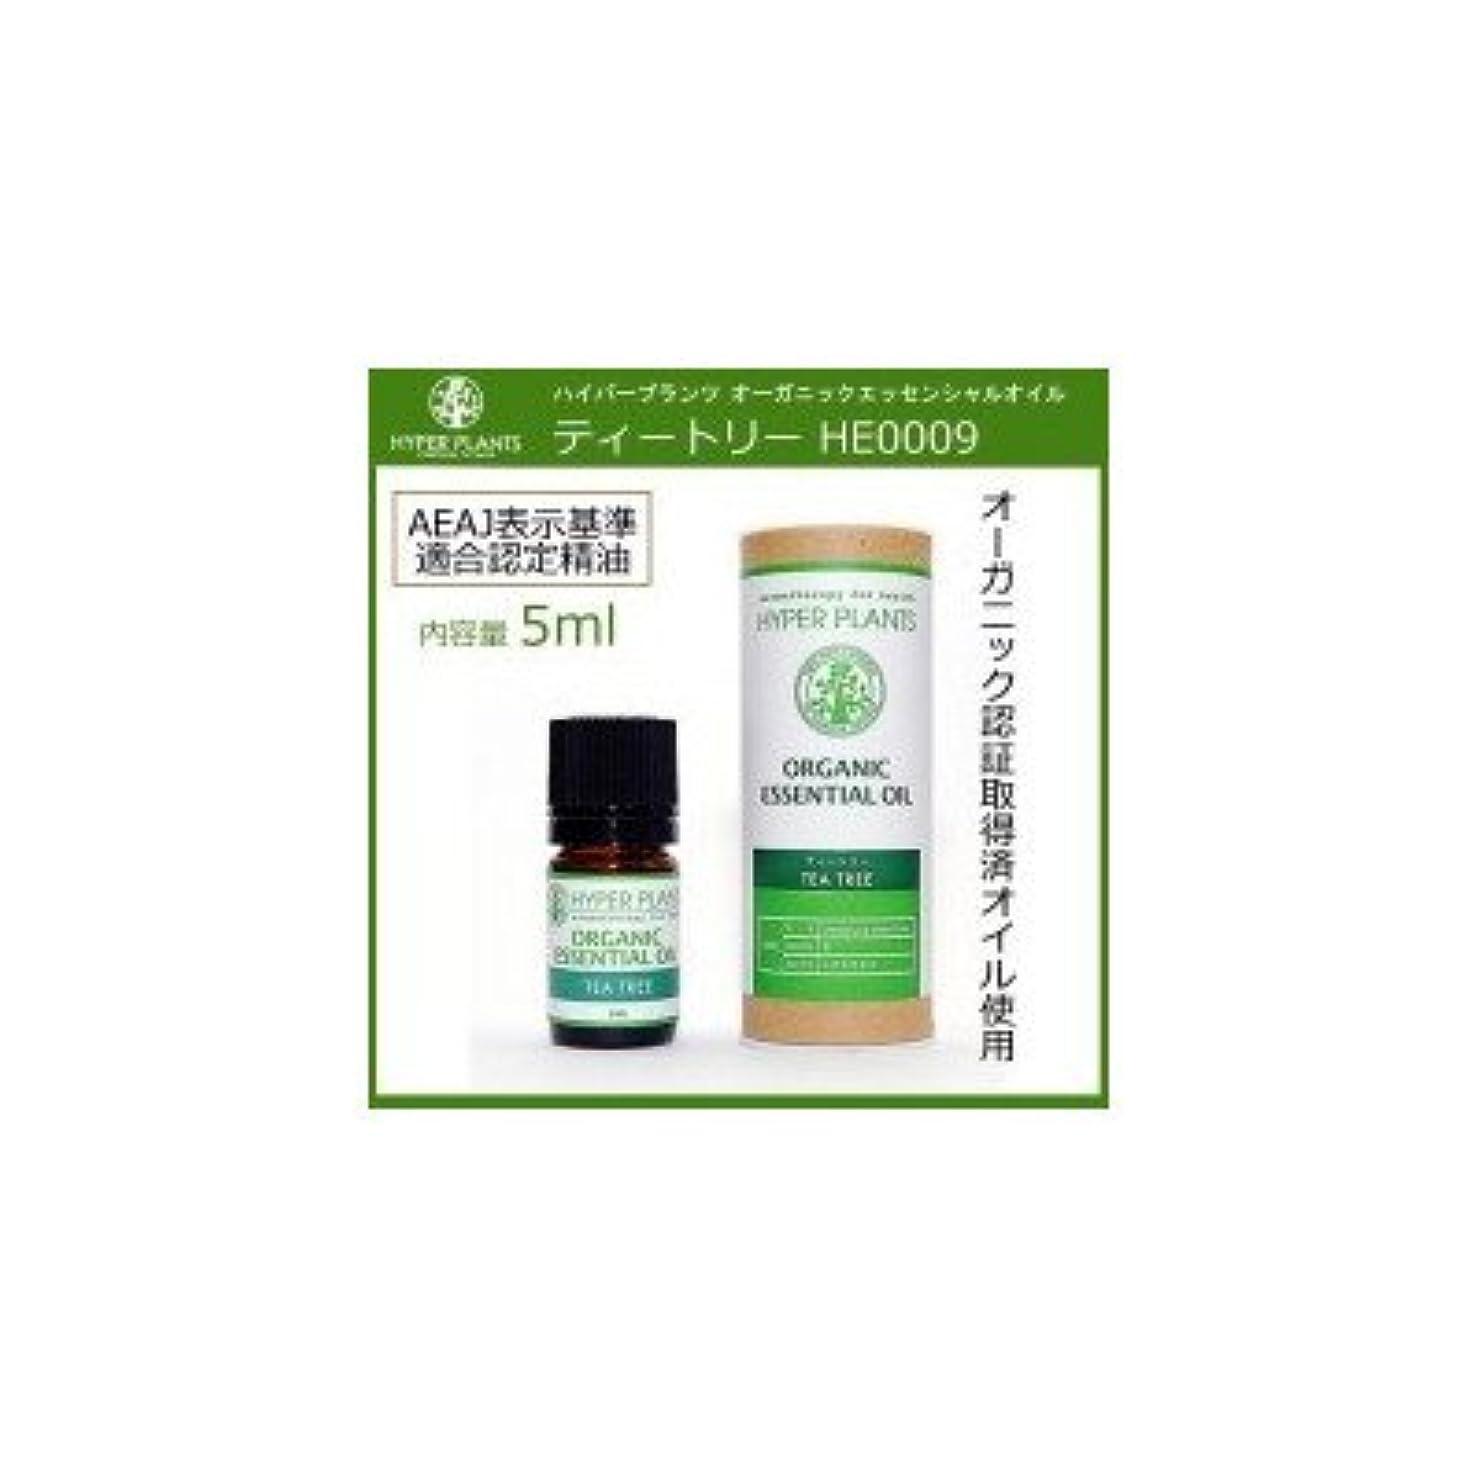 あごひげ資格酔っ払い毎日の生活にアロマの香りを HYPER PLANTS ハイパープランツ オーガニックエッセンシャルオイル ティートリー 5ml HE0009